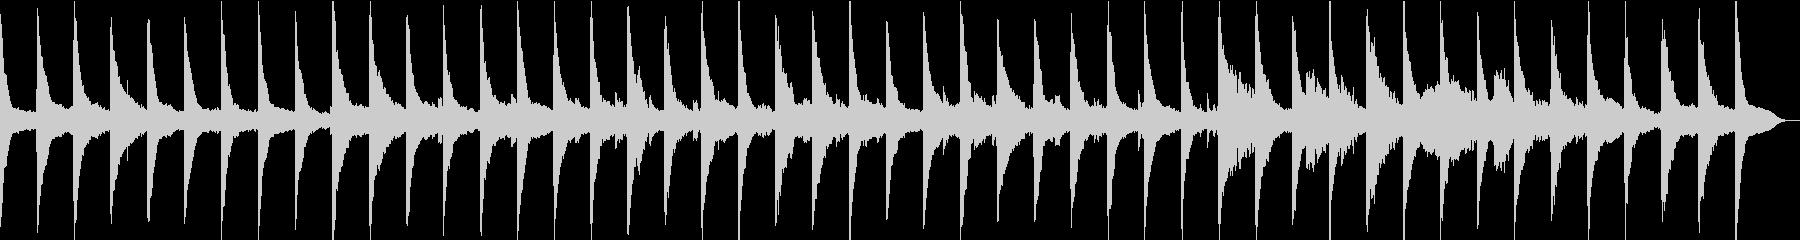 ゆっくり流れる時間、波音×ピアノ×ギターの未再生の波形